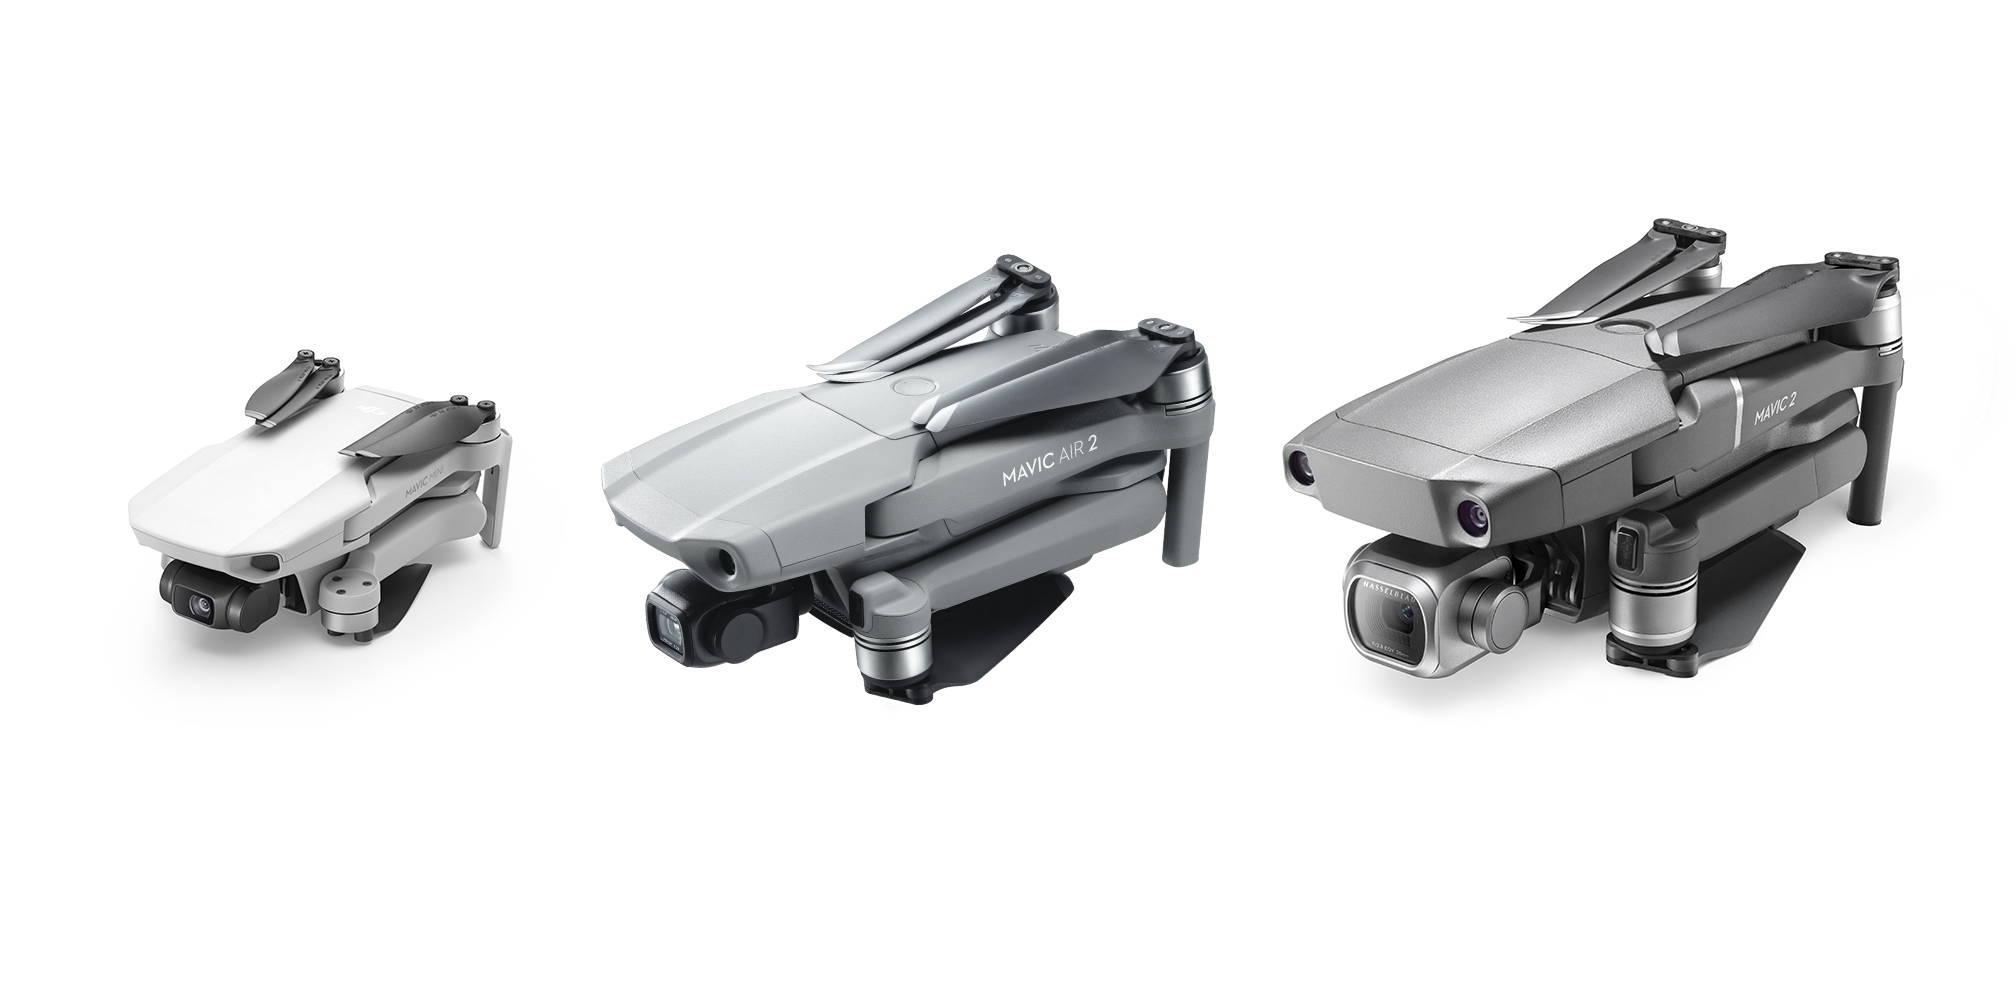 MAVIC MINI VS MAVIC AIR 2 VS MAVIC 2 COMPARISON | WHICH DRONE IS BEST FOR YOU?